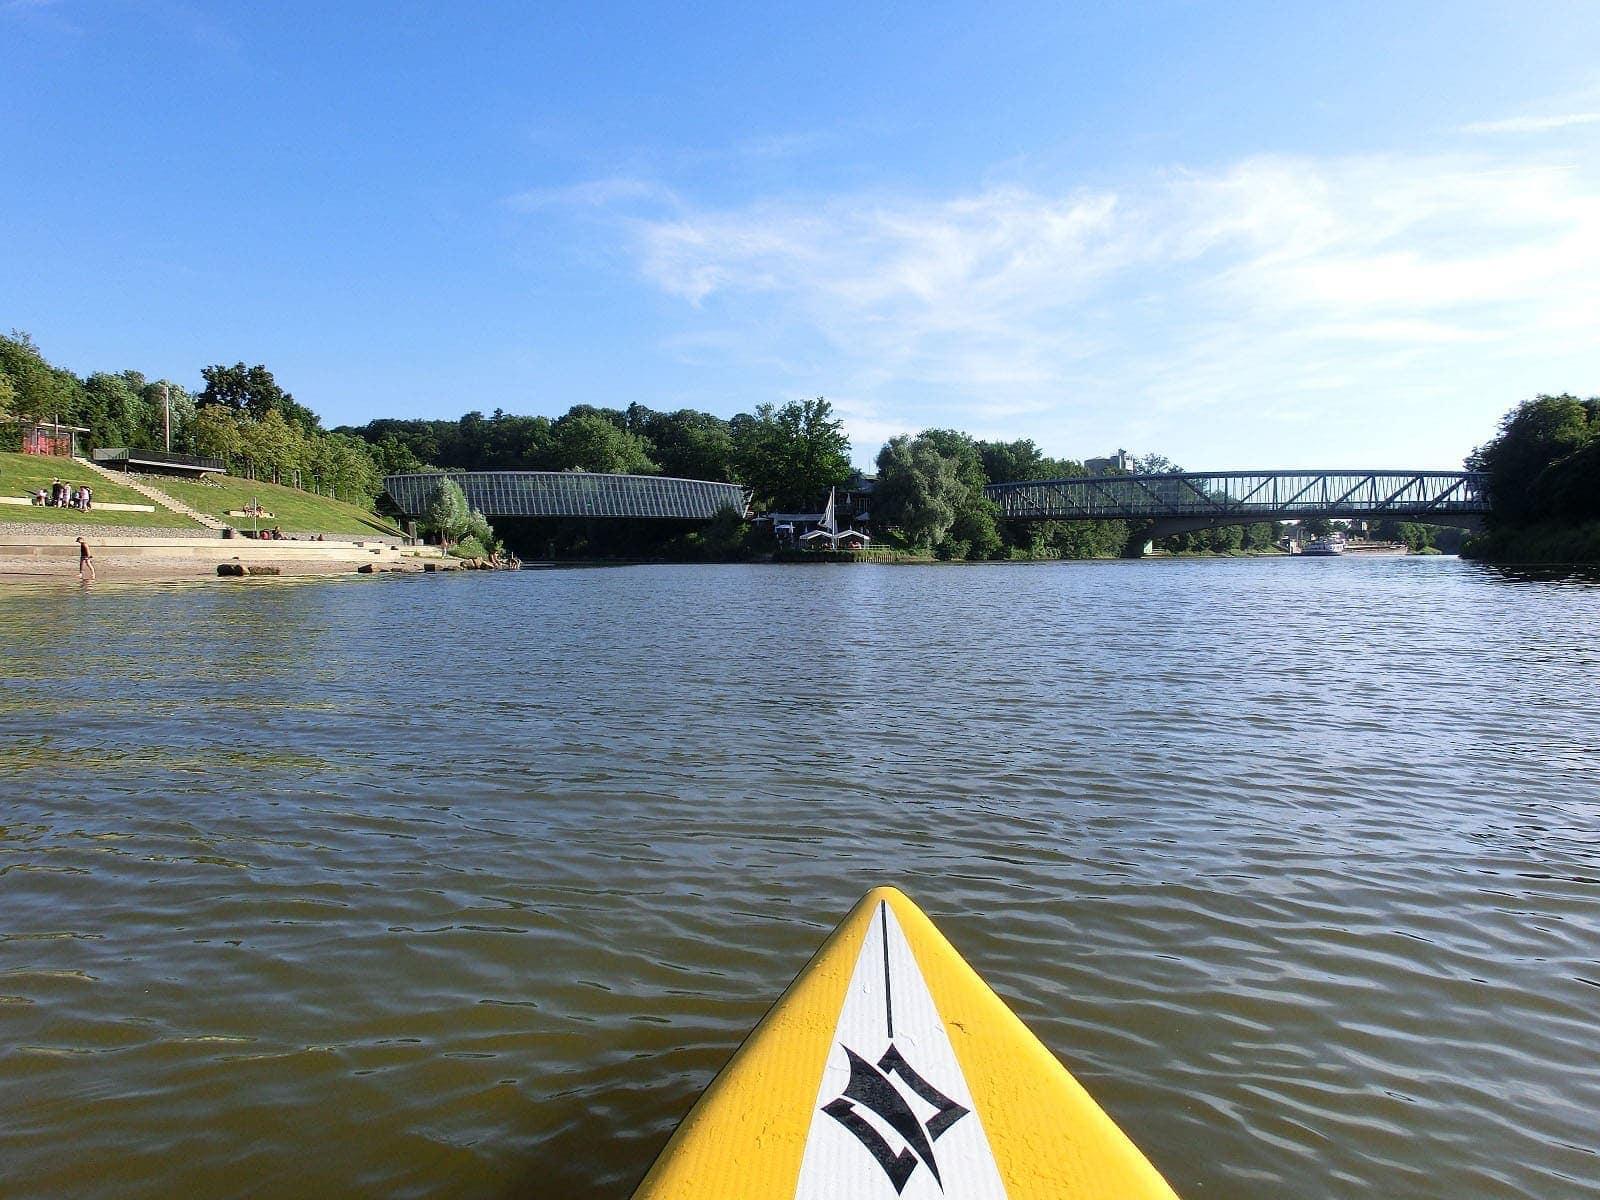 Auf dem Neckar flussabwärts nach Marbach Bild